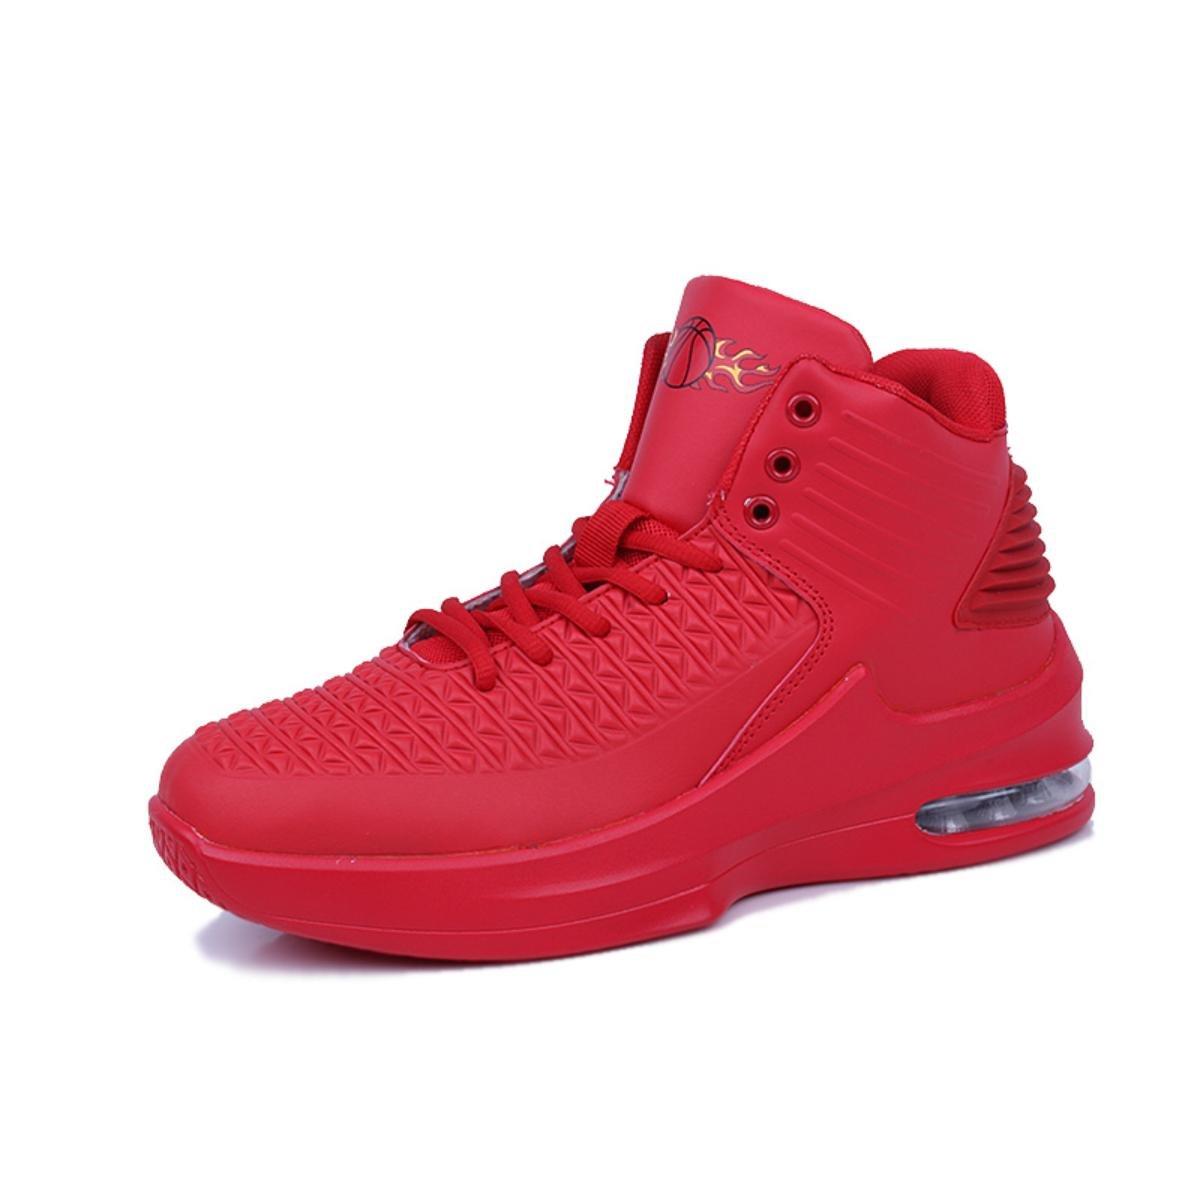 homme / femme femme femme coussin d'air chaussures hommes marche chaussures sport nouveau occasionnel mi - chaussure de basket pour petit louis, élaborer vv9641 gagner très appréciée prix préférentiel e63402